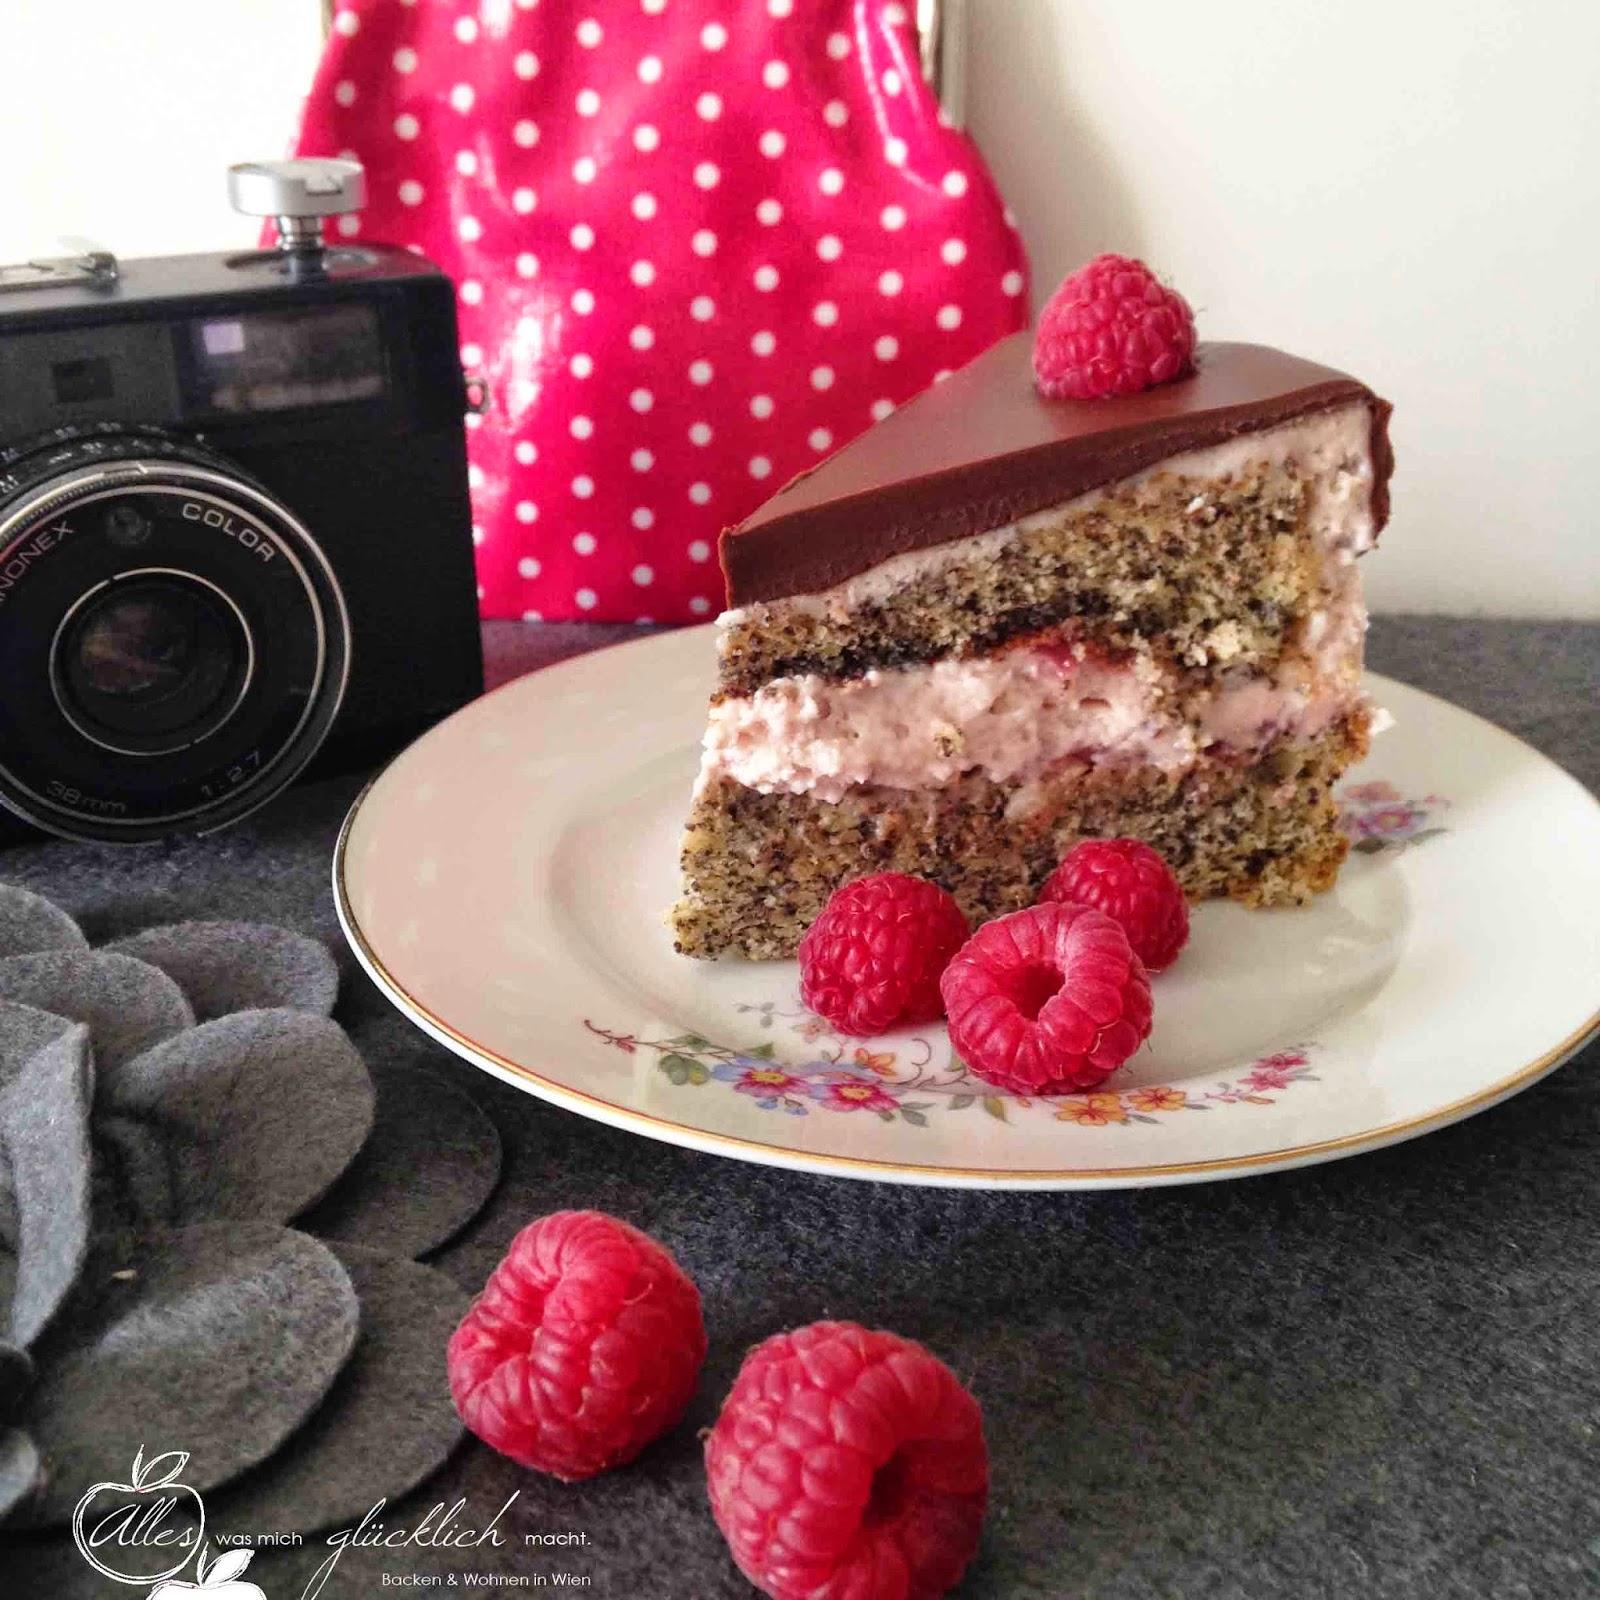 Die 25 Minuten Torte: Mohnbiskuit-Torte mit Ribiselfüllung und Schokoladenglasur